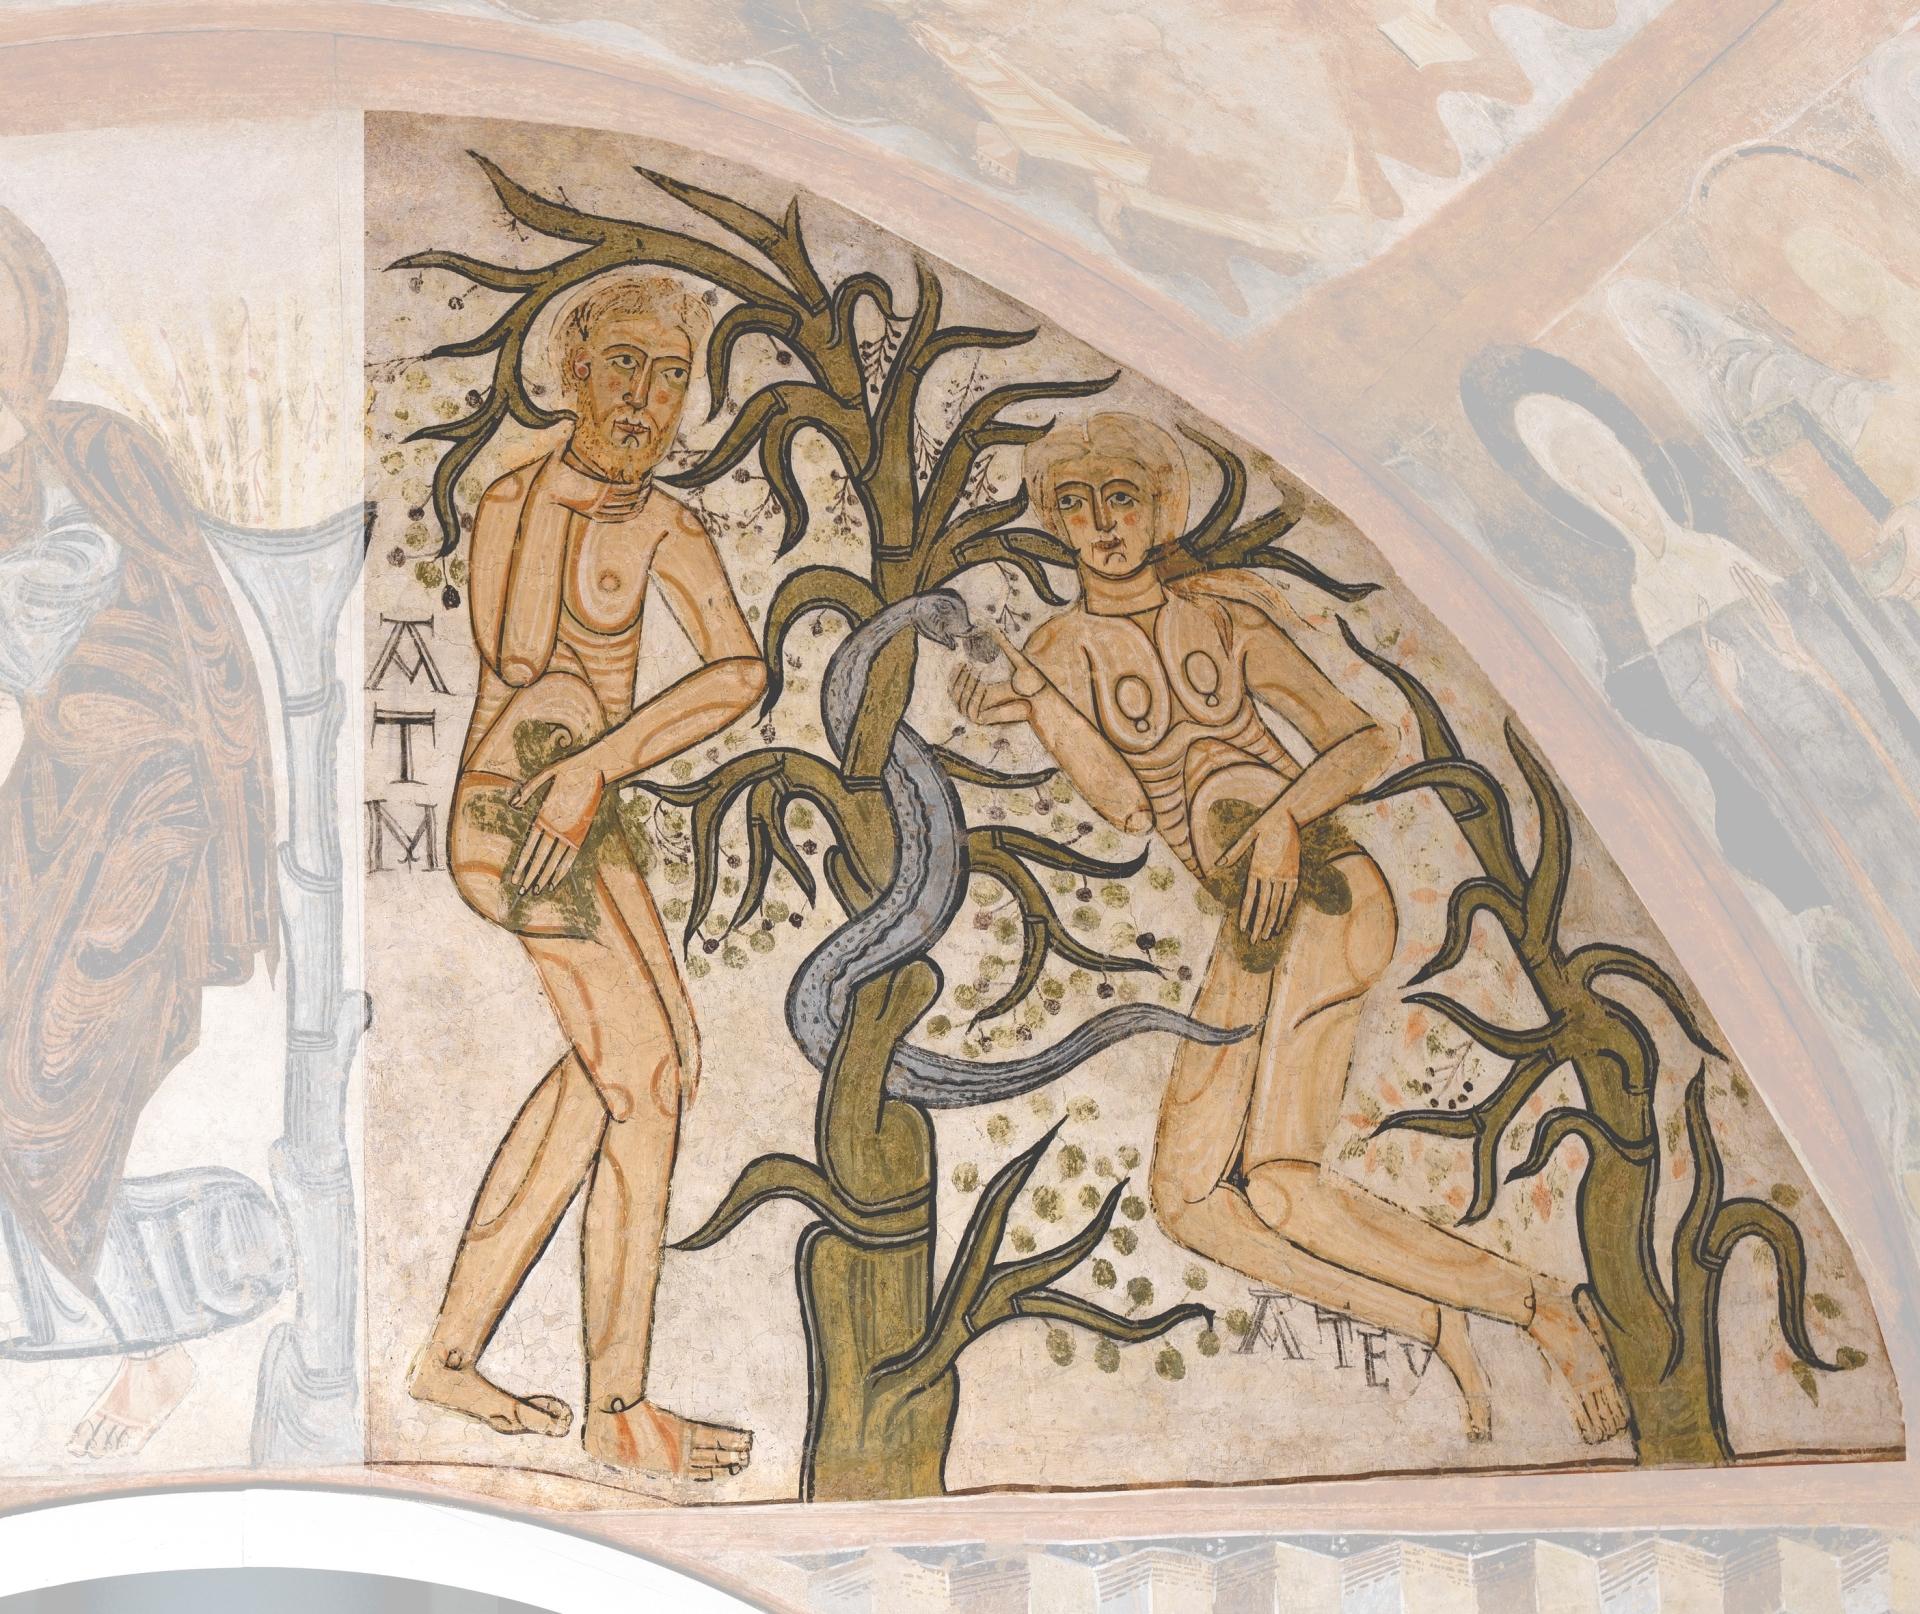 Parada 4: Pintura mural de la Ermita de la vera Cruz de Maderuelo